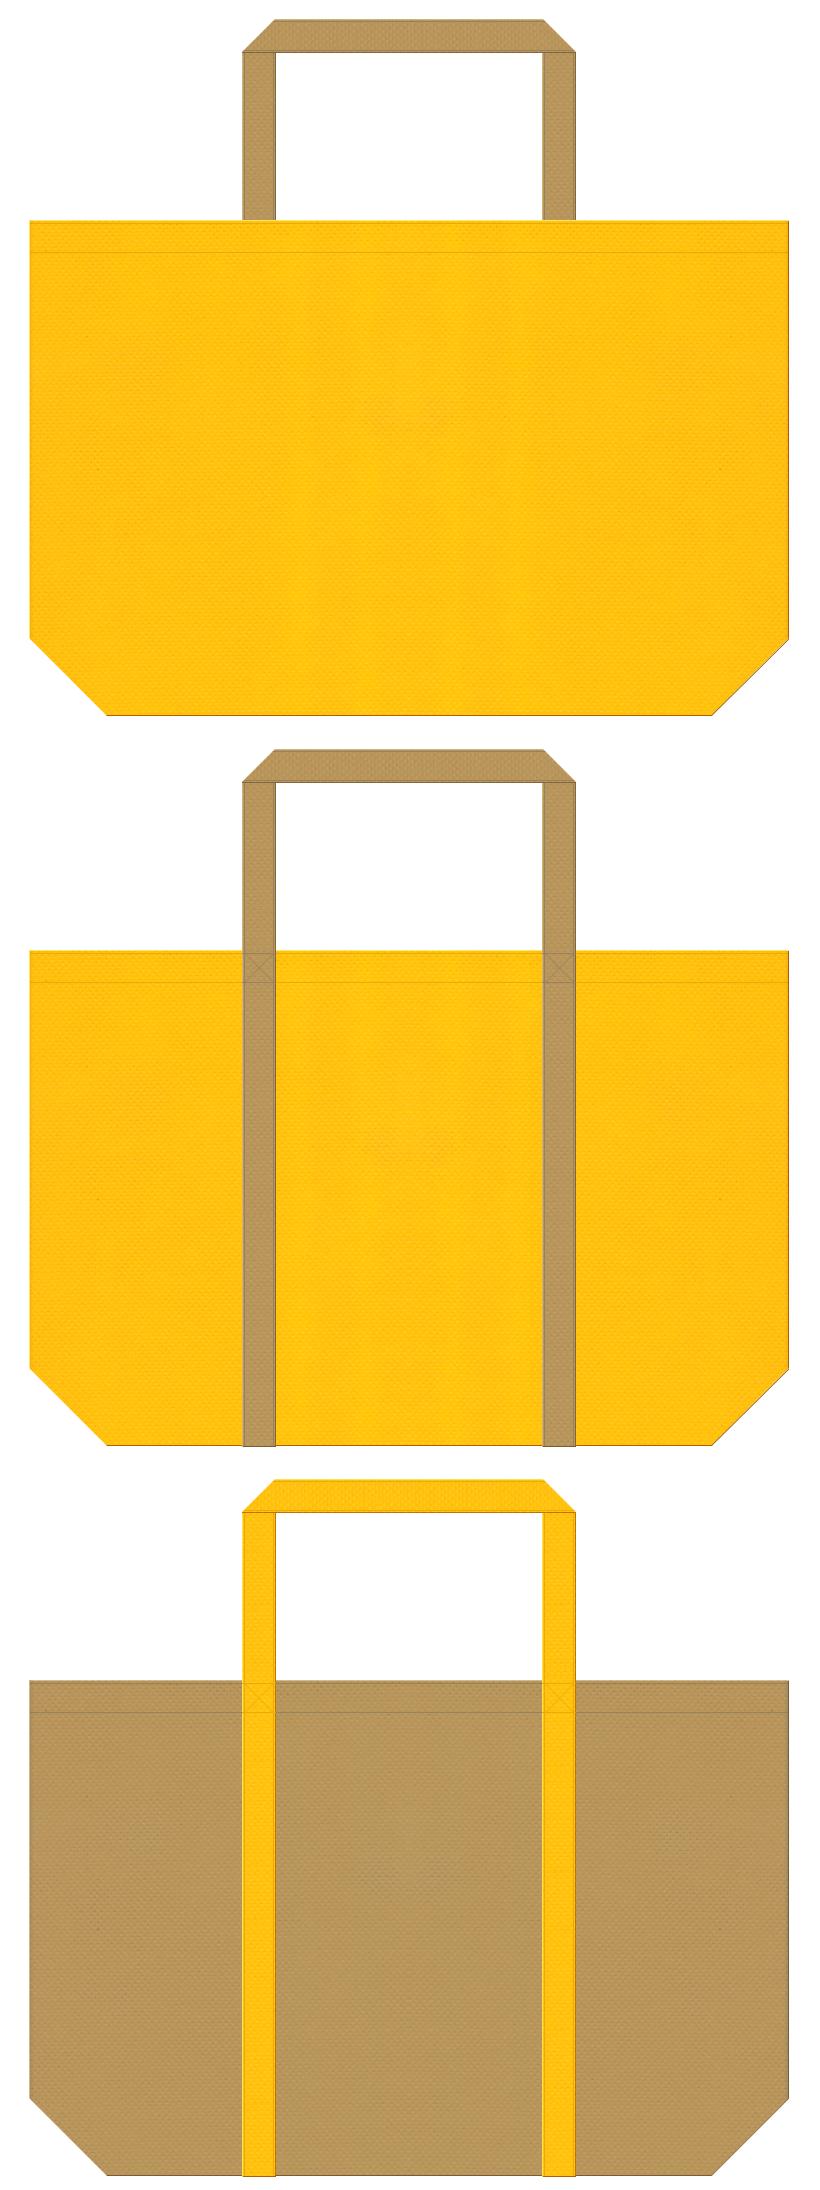 黄色と金色系黄土色の不織布バッグデザイン。黄金のイメージで、ゲームのショッピングバッグにお奨めです。